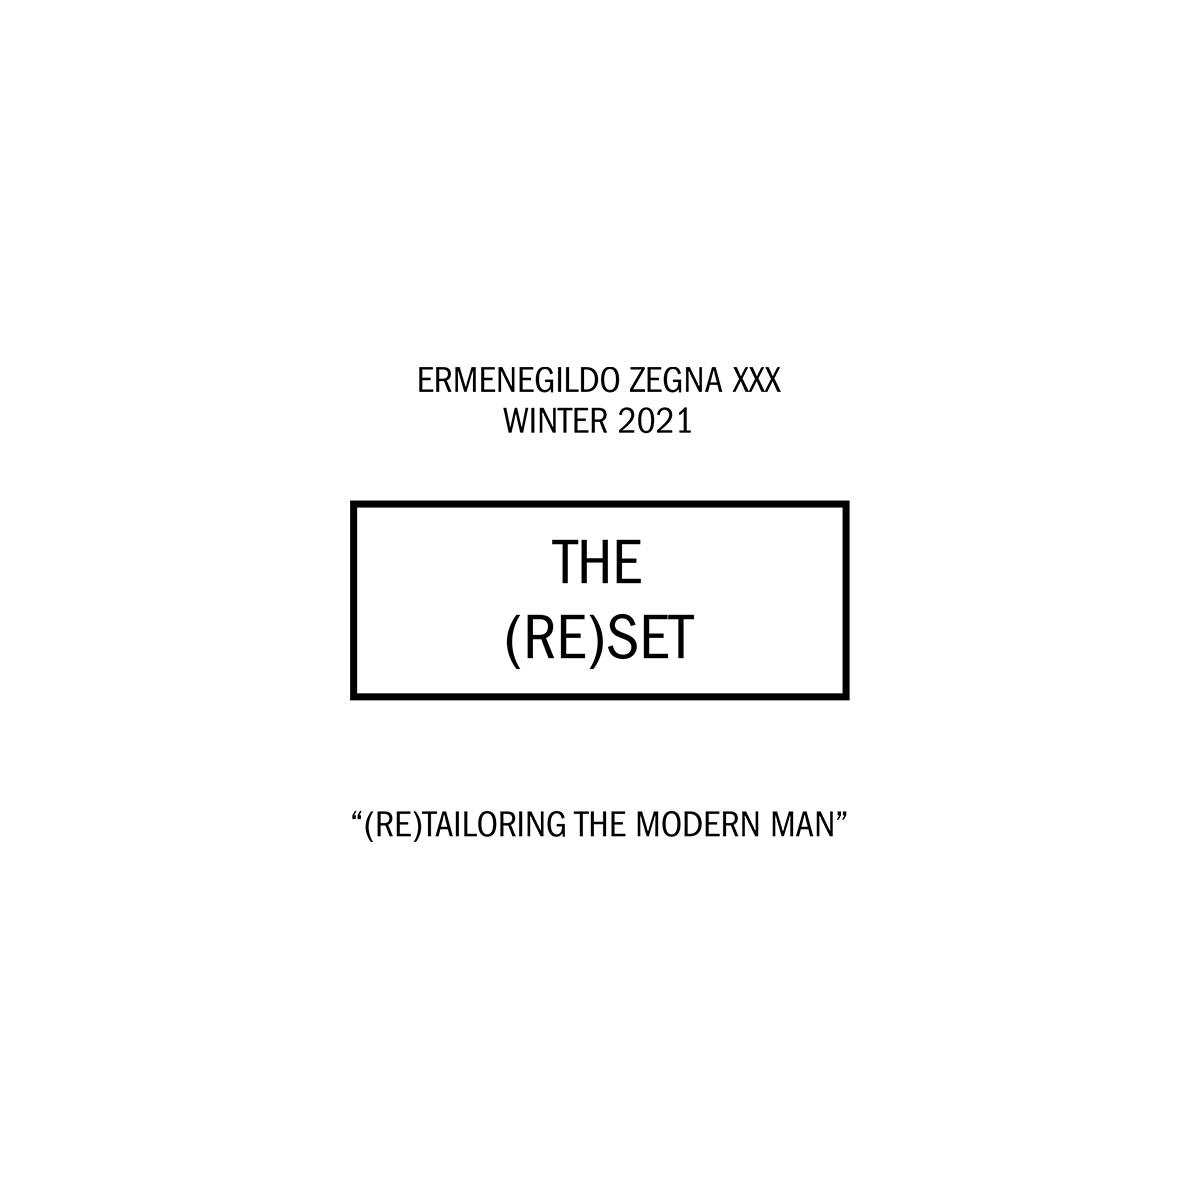 watch the ermenegildo zegna aw21 show live tonight